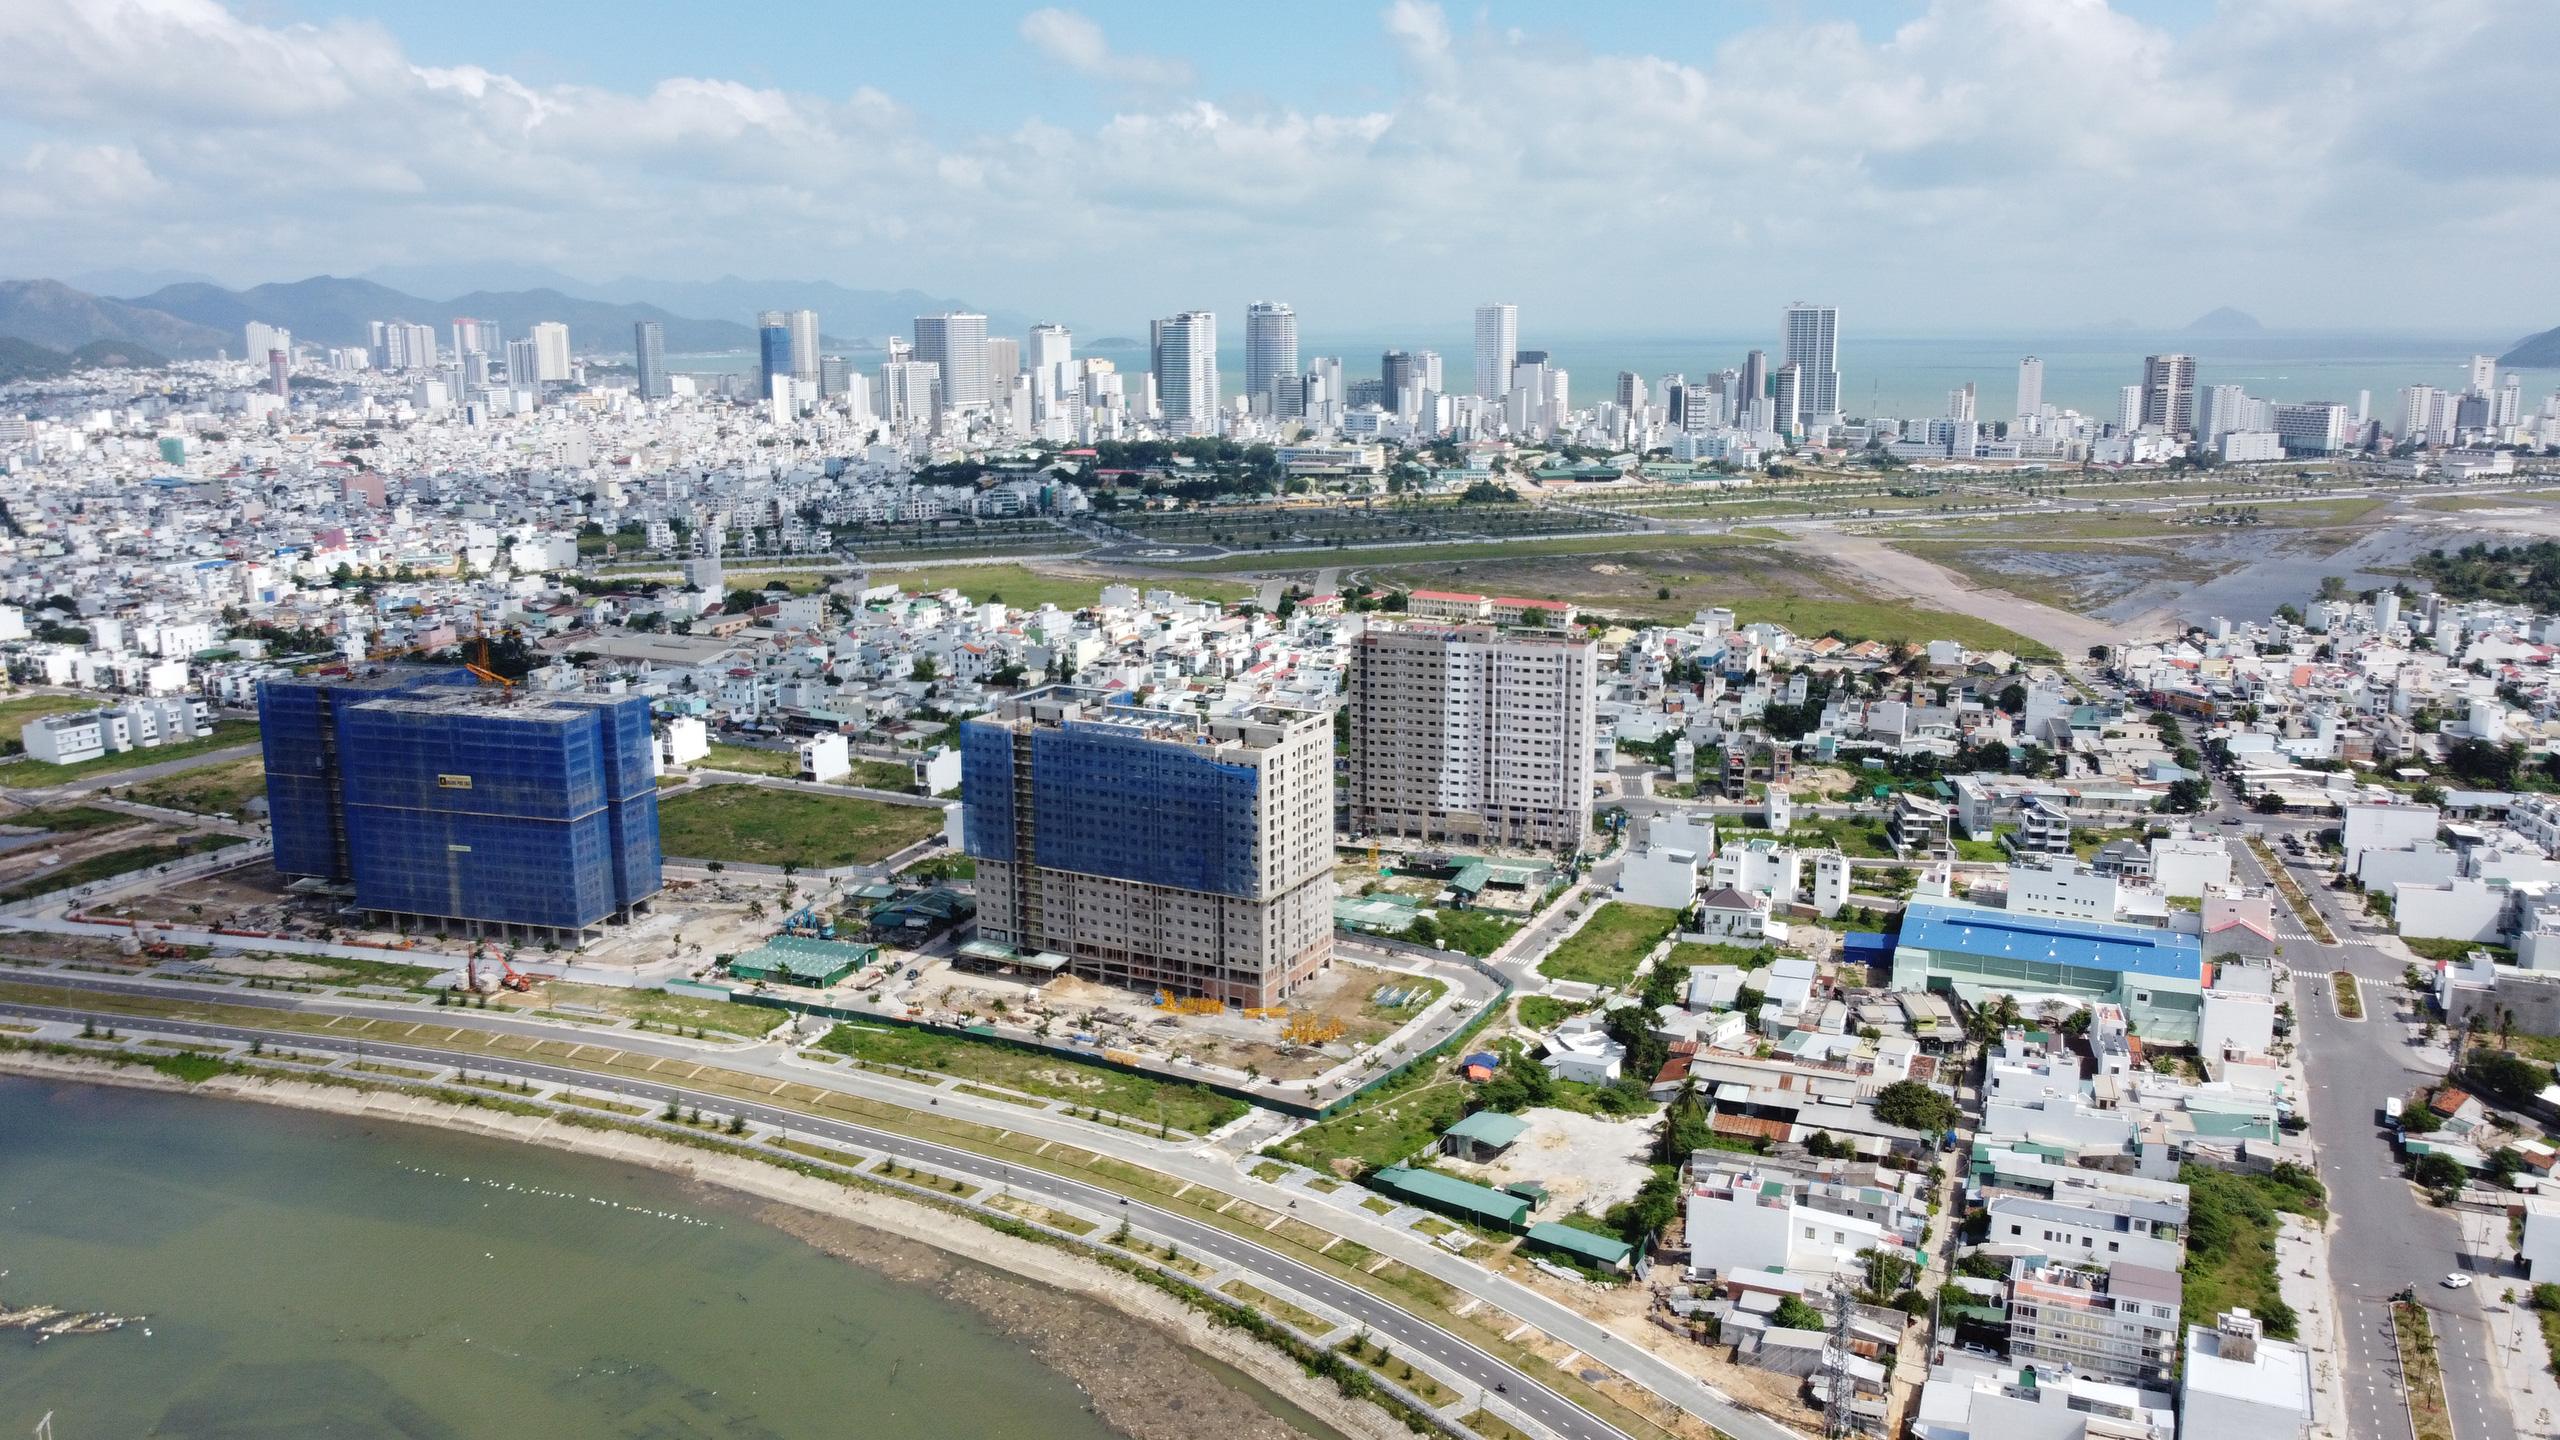 Nha Trang còn khoảng 11 ha đất sạch phát triển NƠXH nhưng nhà đầu tư chậm triển khai - Ảnh 1.